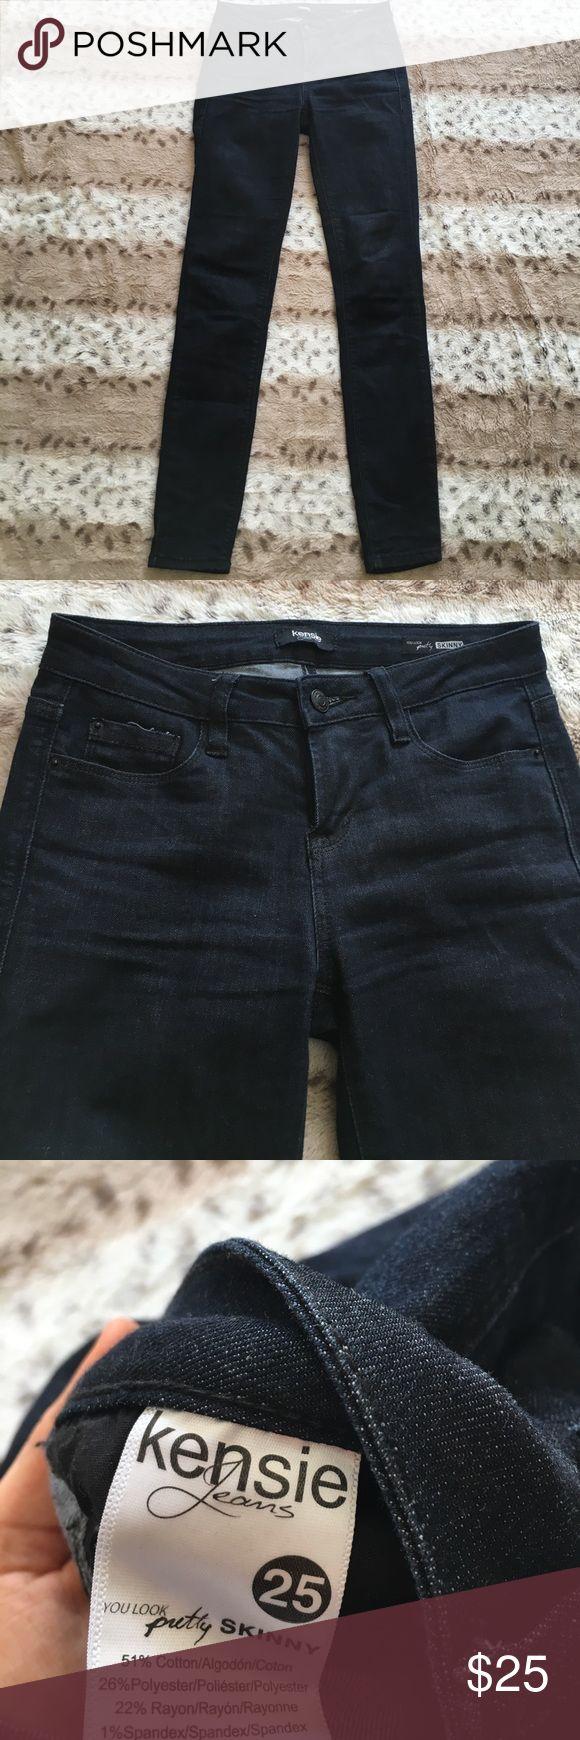 Dark Blue SkinnyJeans Cute dark blue skinny jeans. No flaws. Size 25 Kensie Jeans Skinny